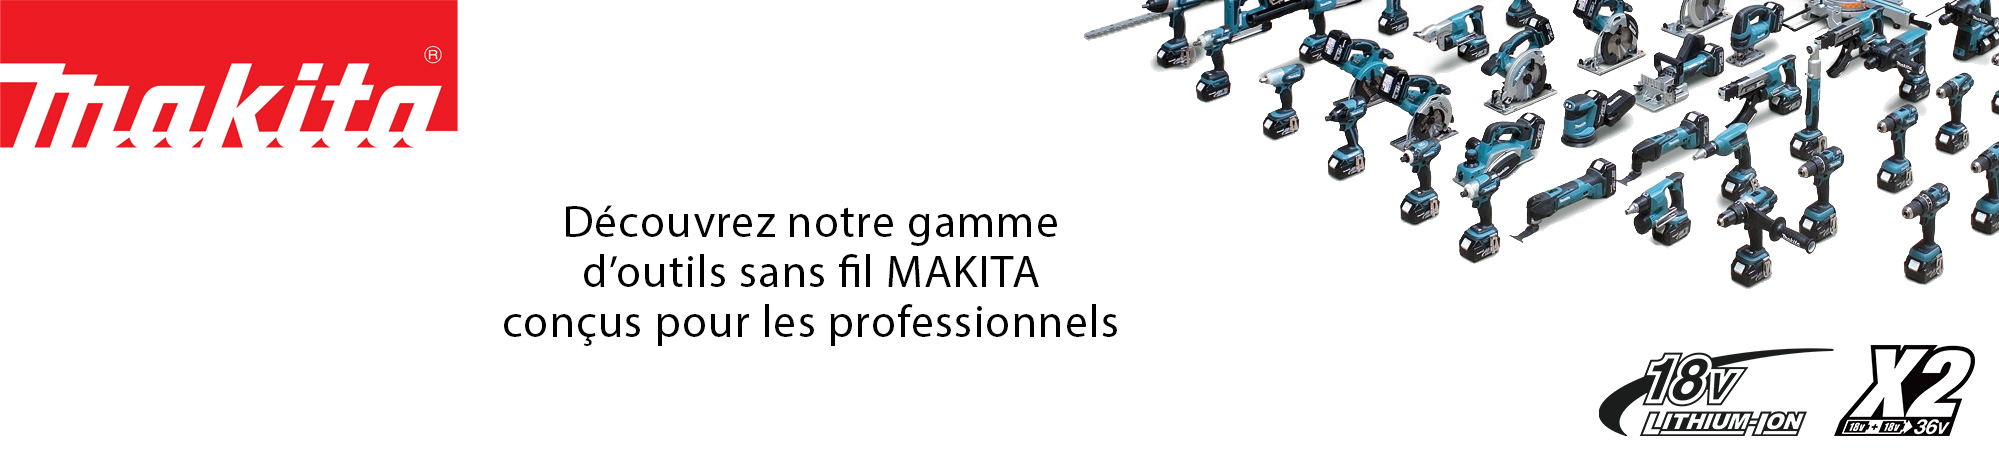 gamme d'outils makita